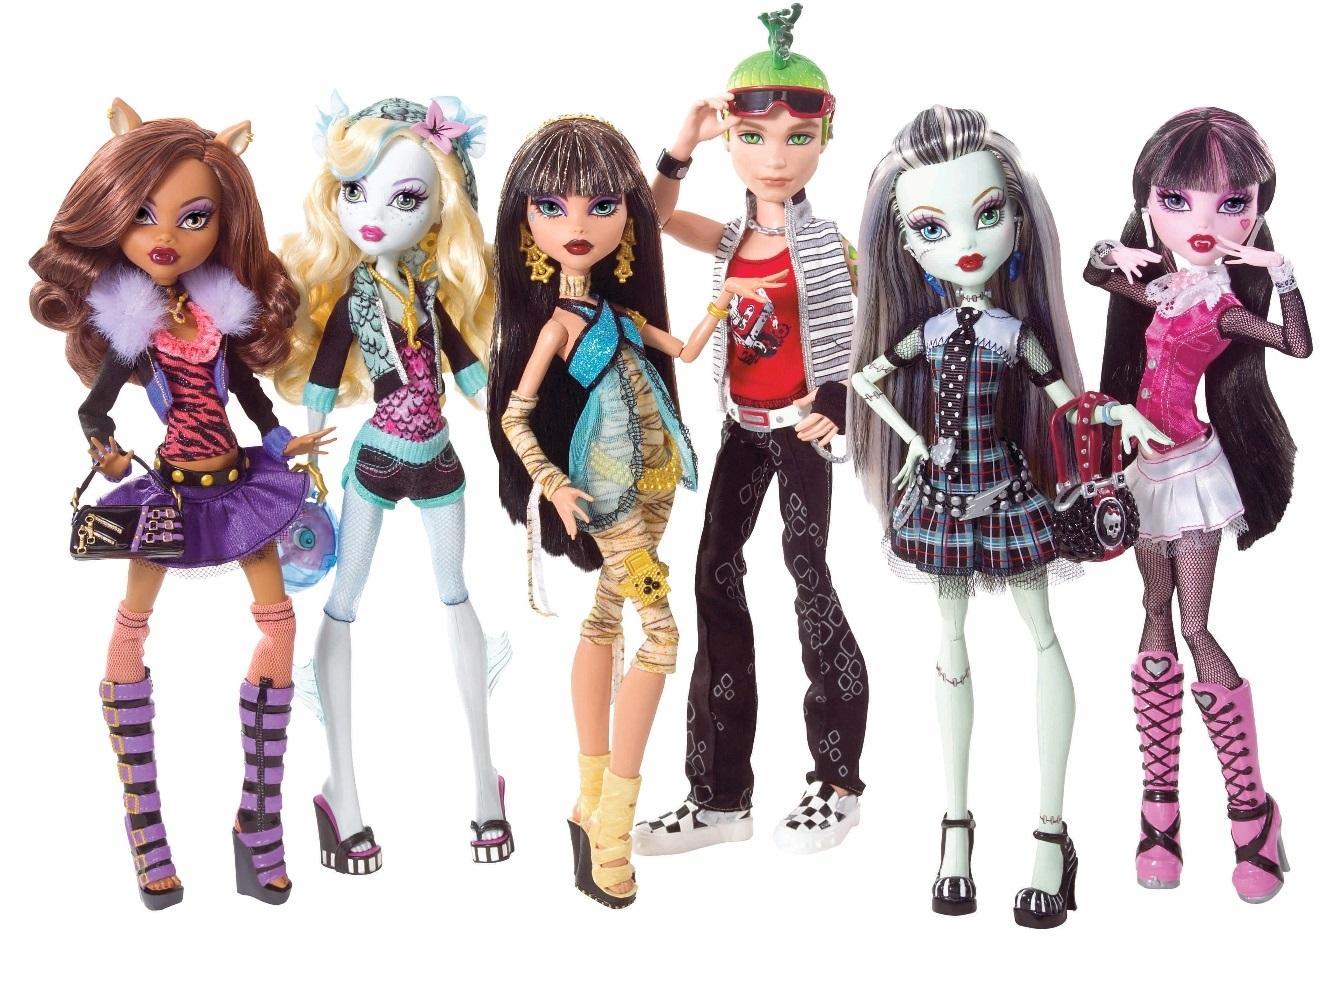 Monster High Bonecas Maria Haute Coiffure Blog Carola Duarte